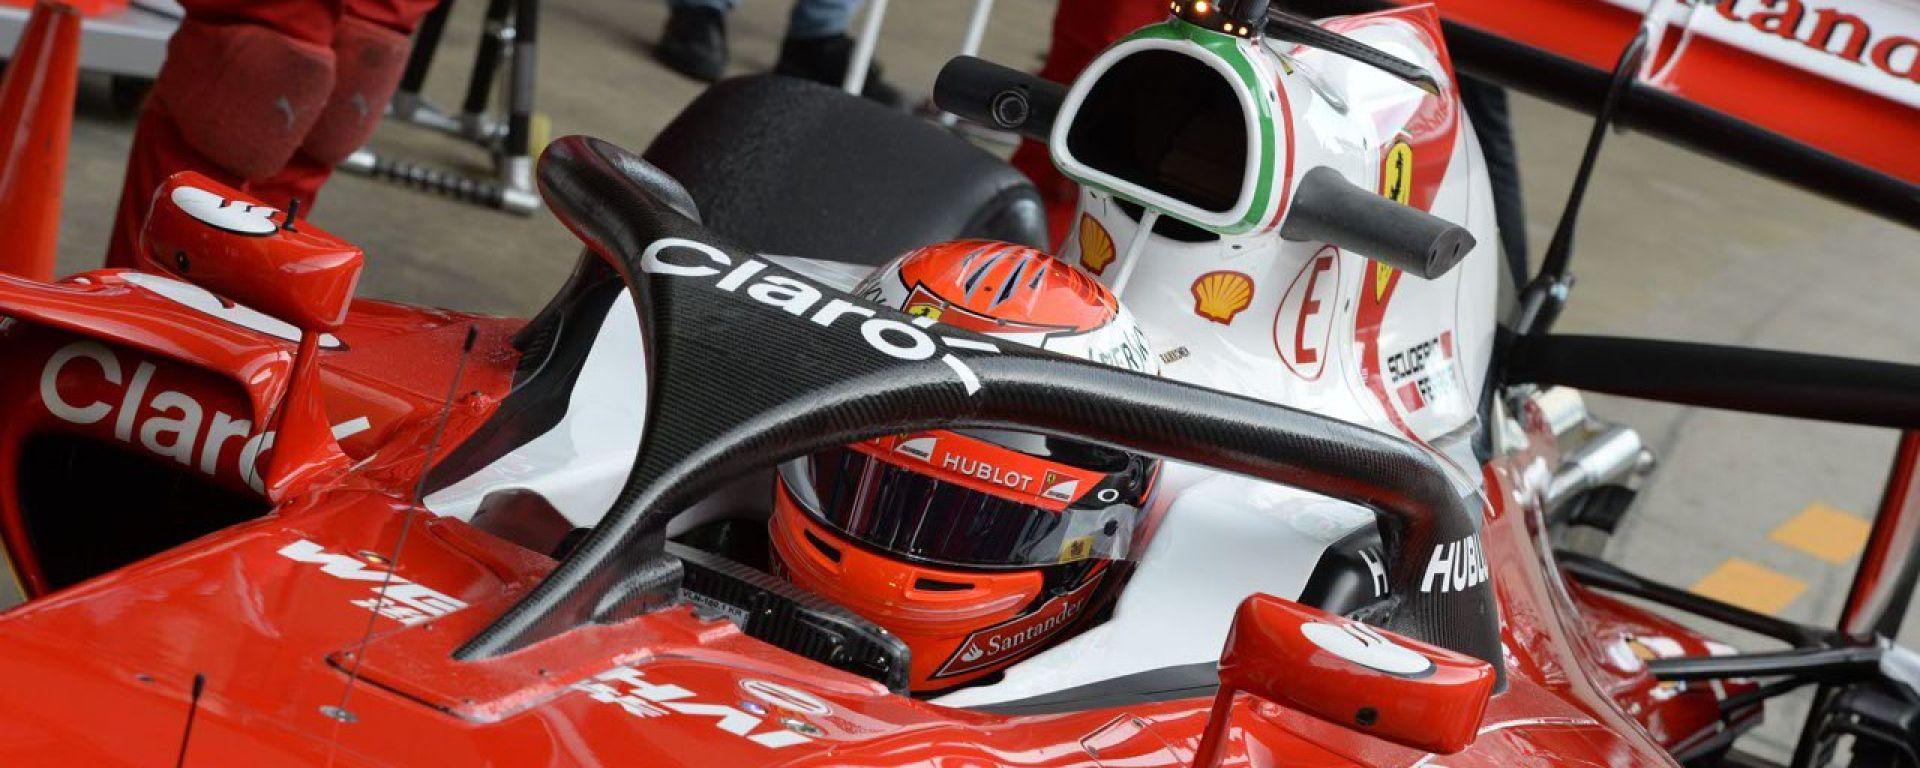 Il cupolino Halo testato in pista con Ferrari